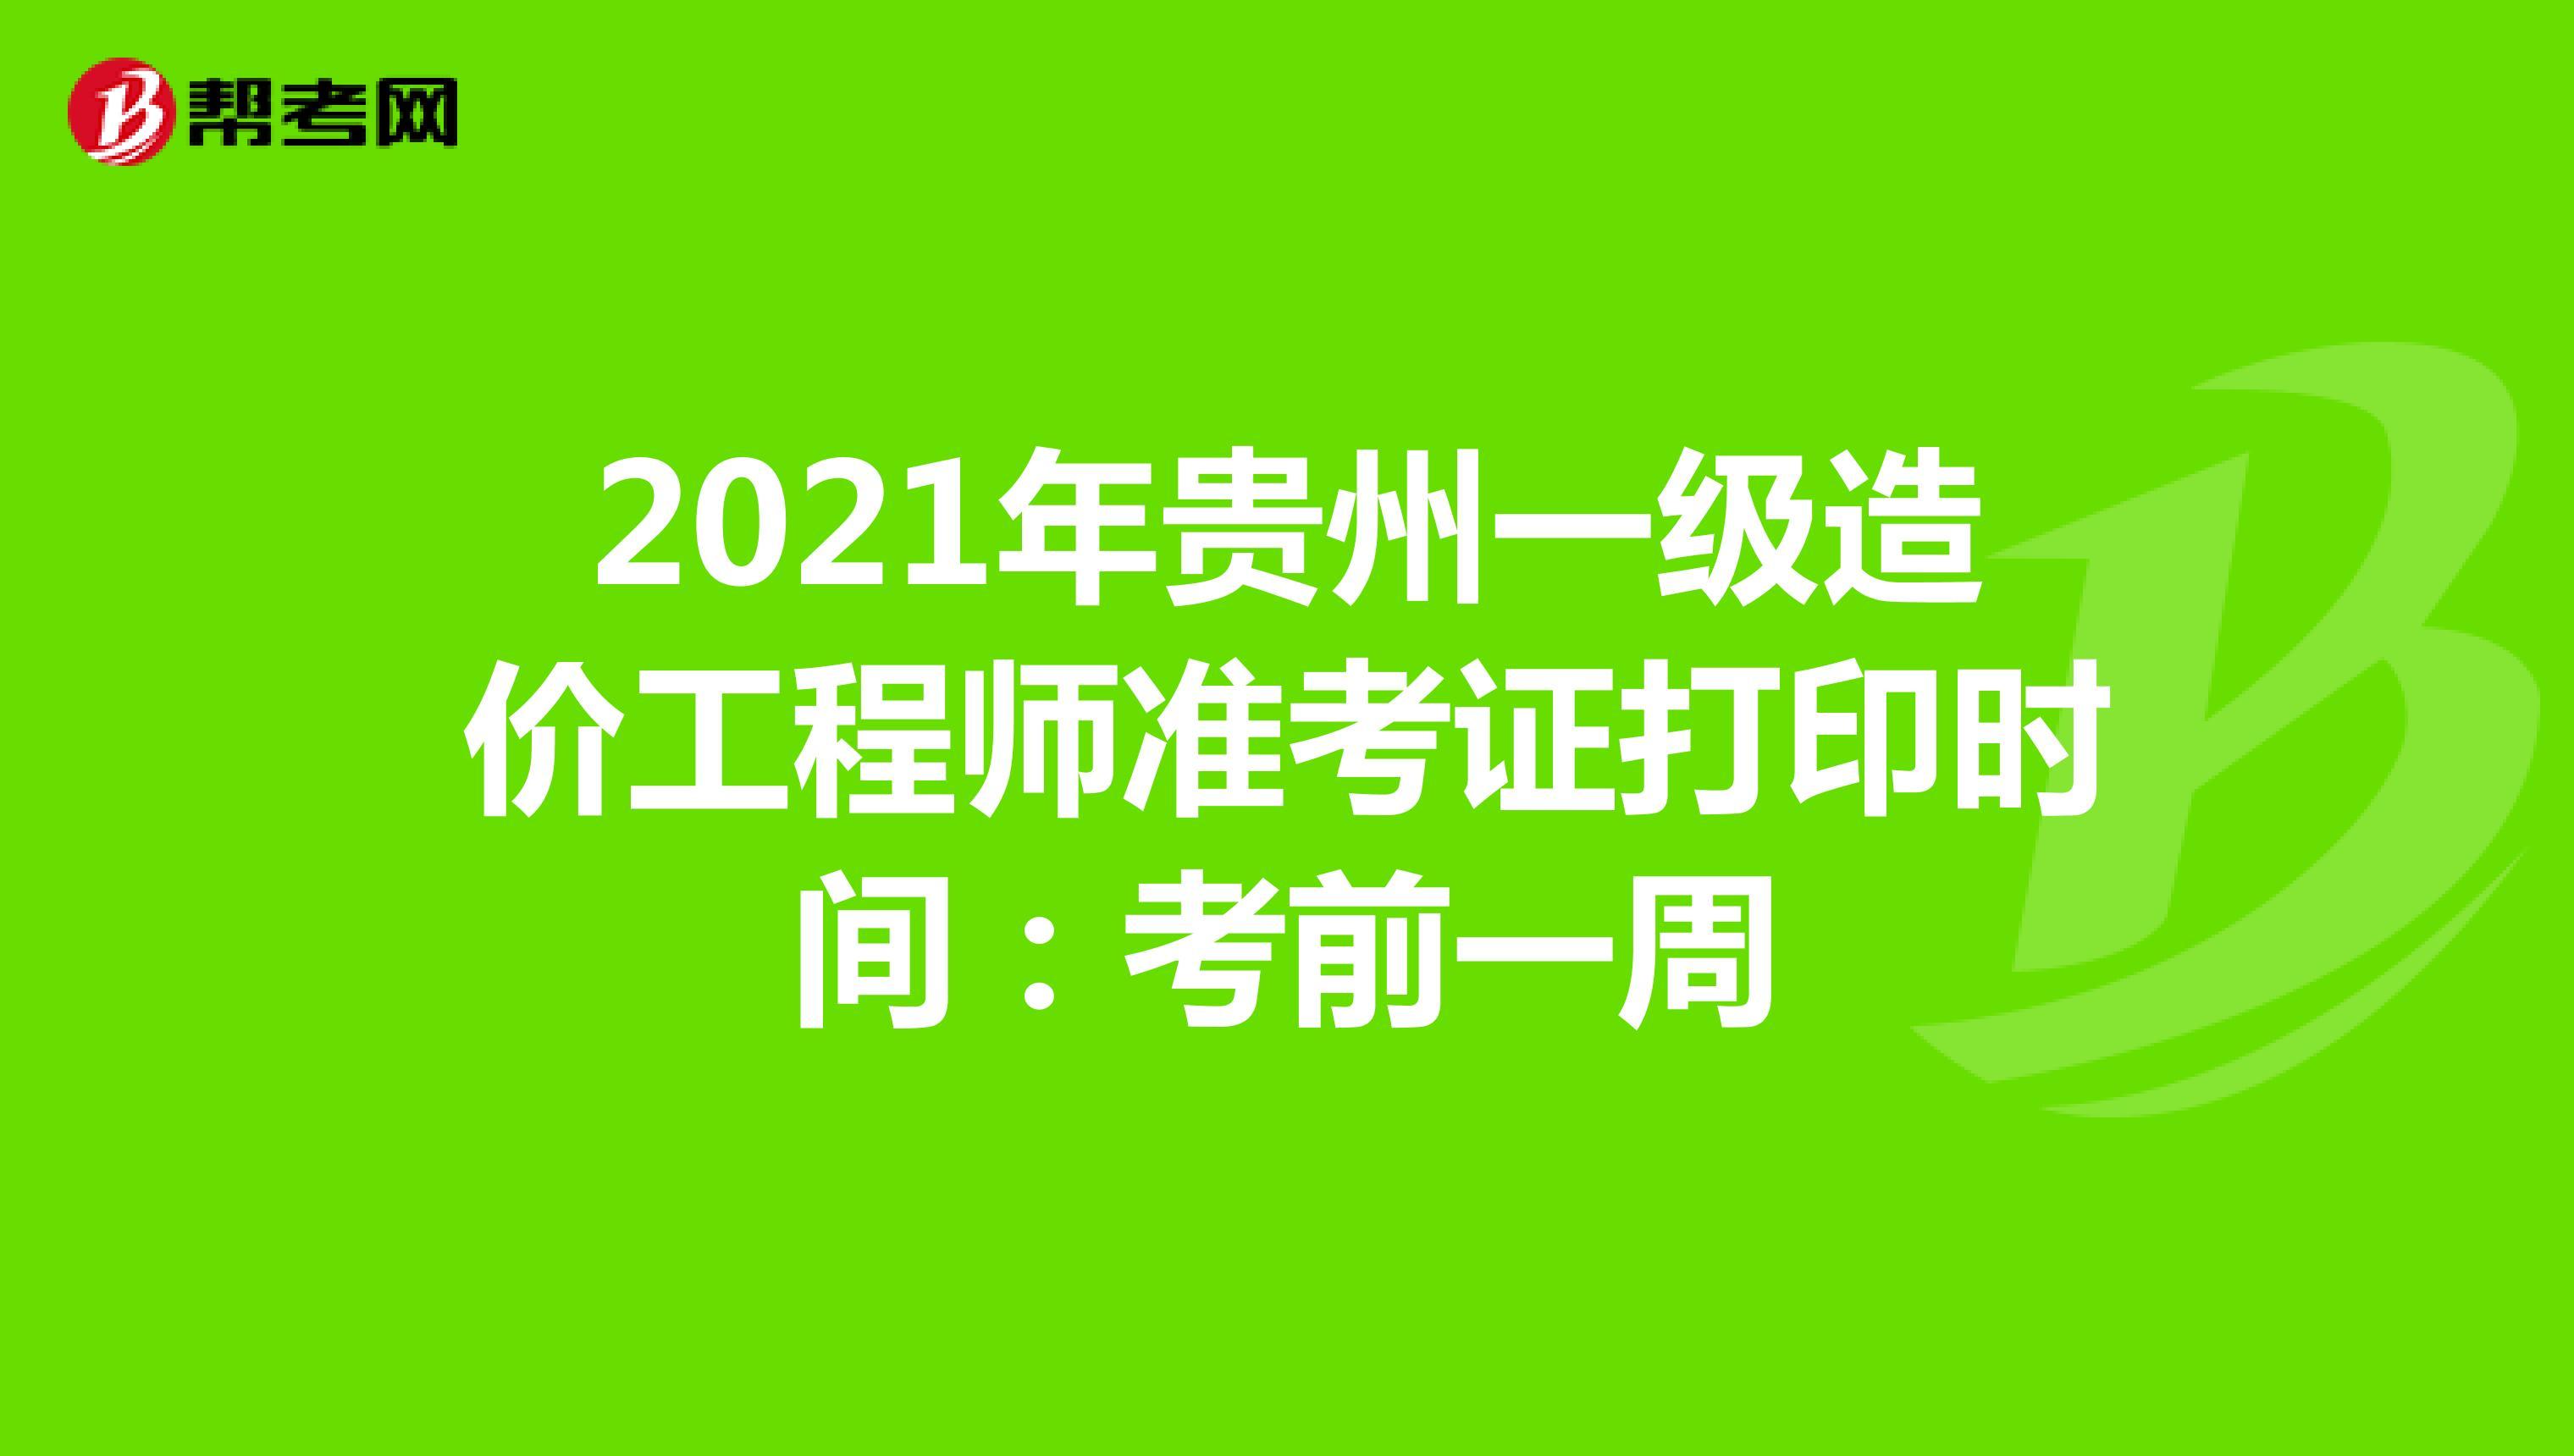 2021年贵州一级造价工程师准考证打印时间:考前一周